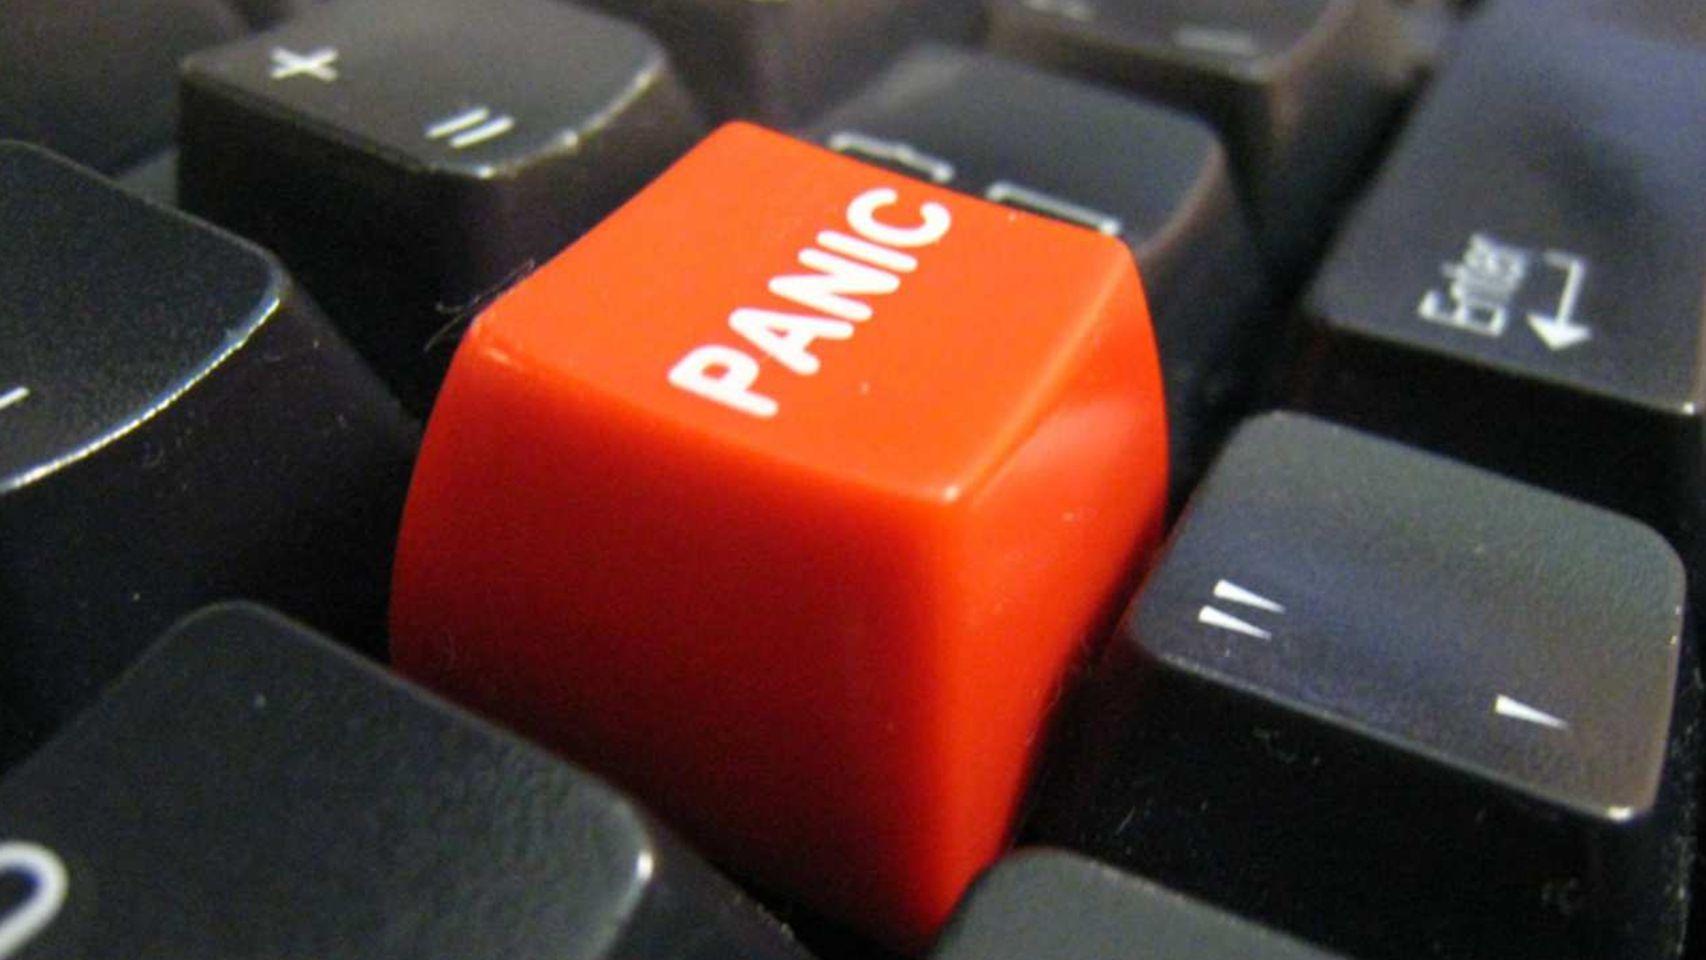 Reflex http://www.flickr.com/photos/johnjoh/ QM ⇧ ⇒ AHT ⇧